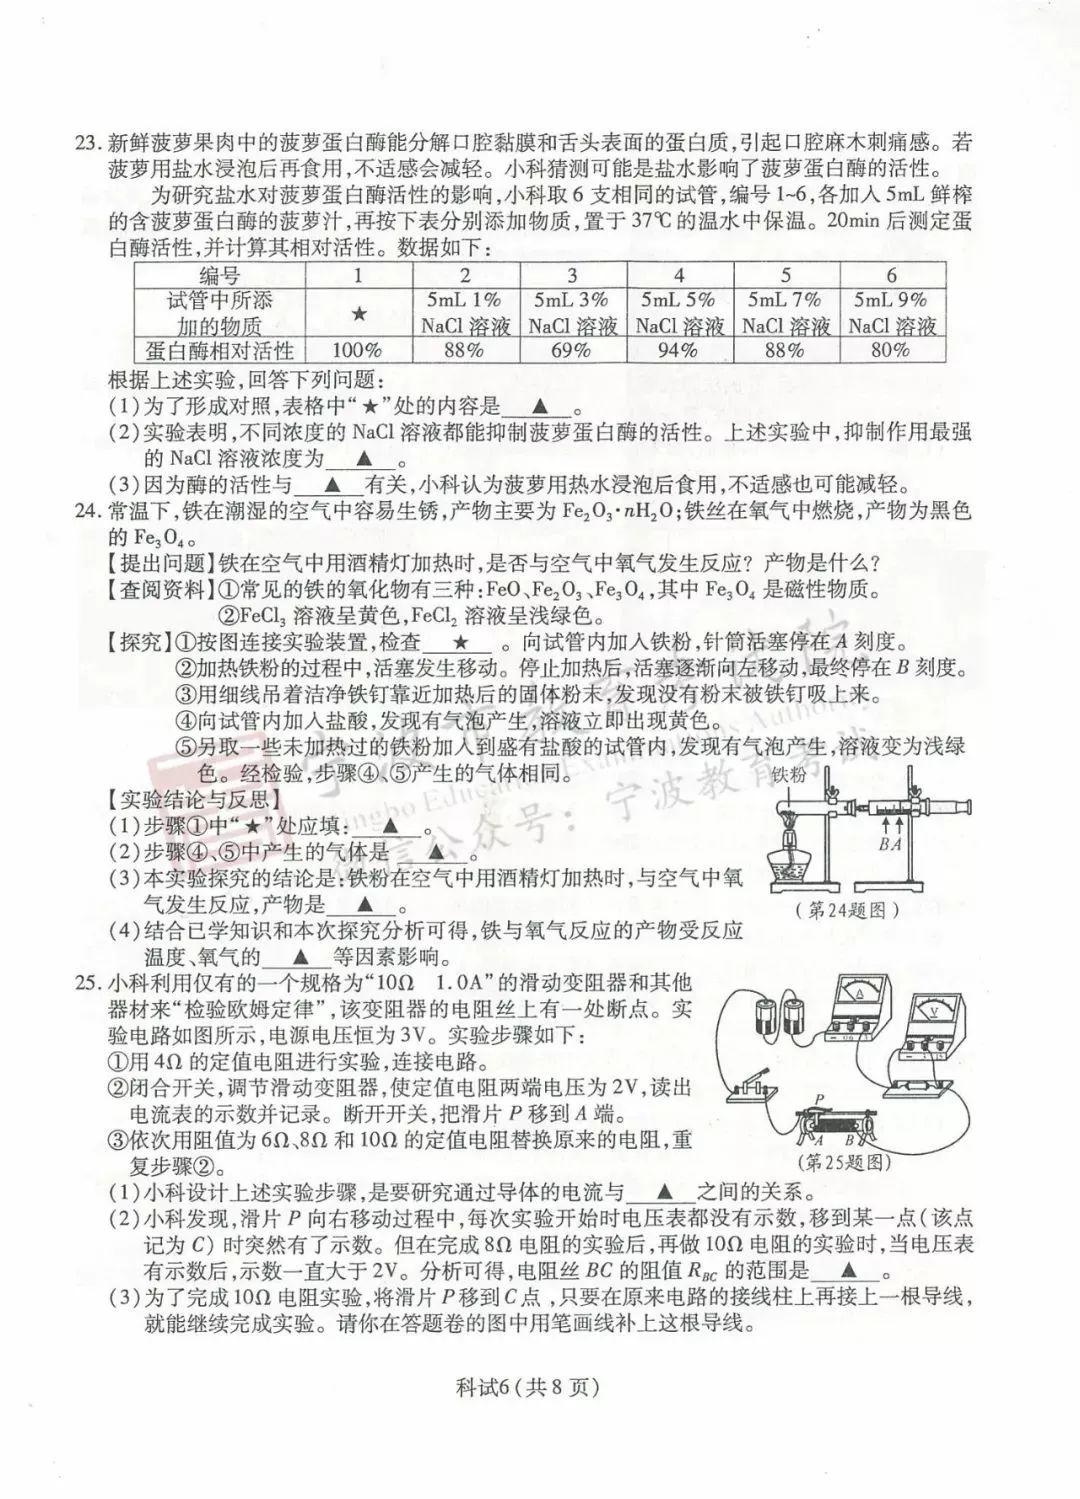 2019年浙江宁波中考《物理》真题及答案已公布